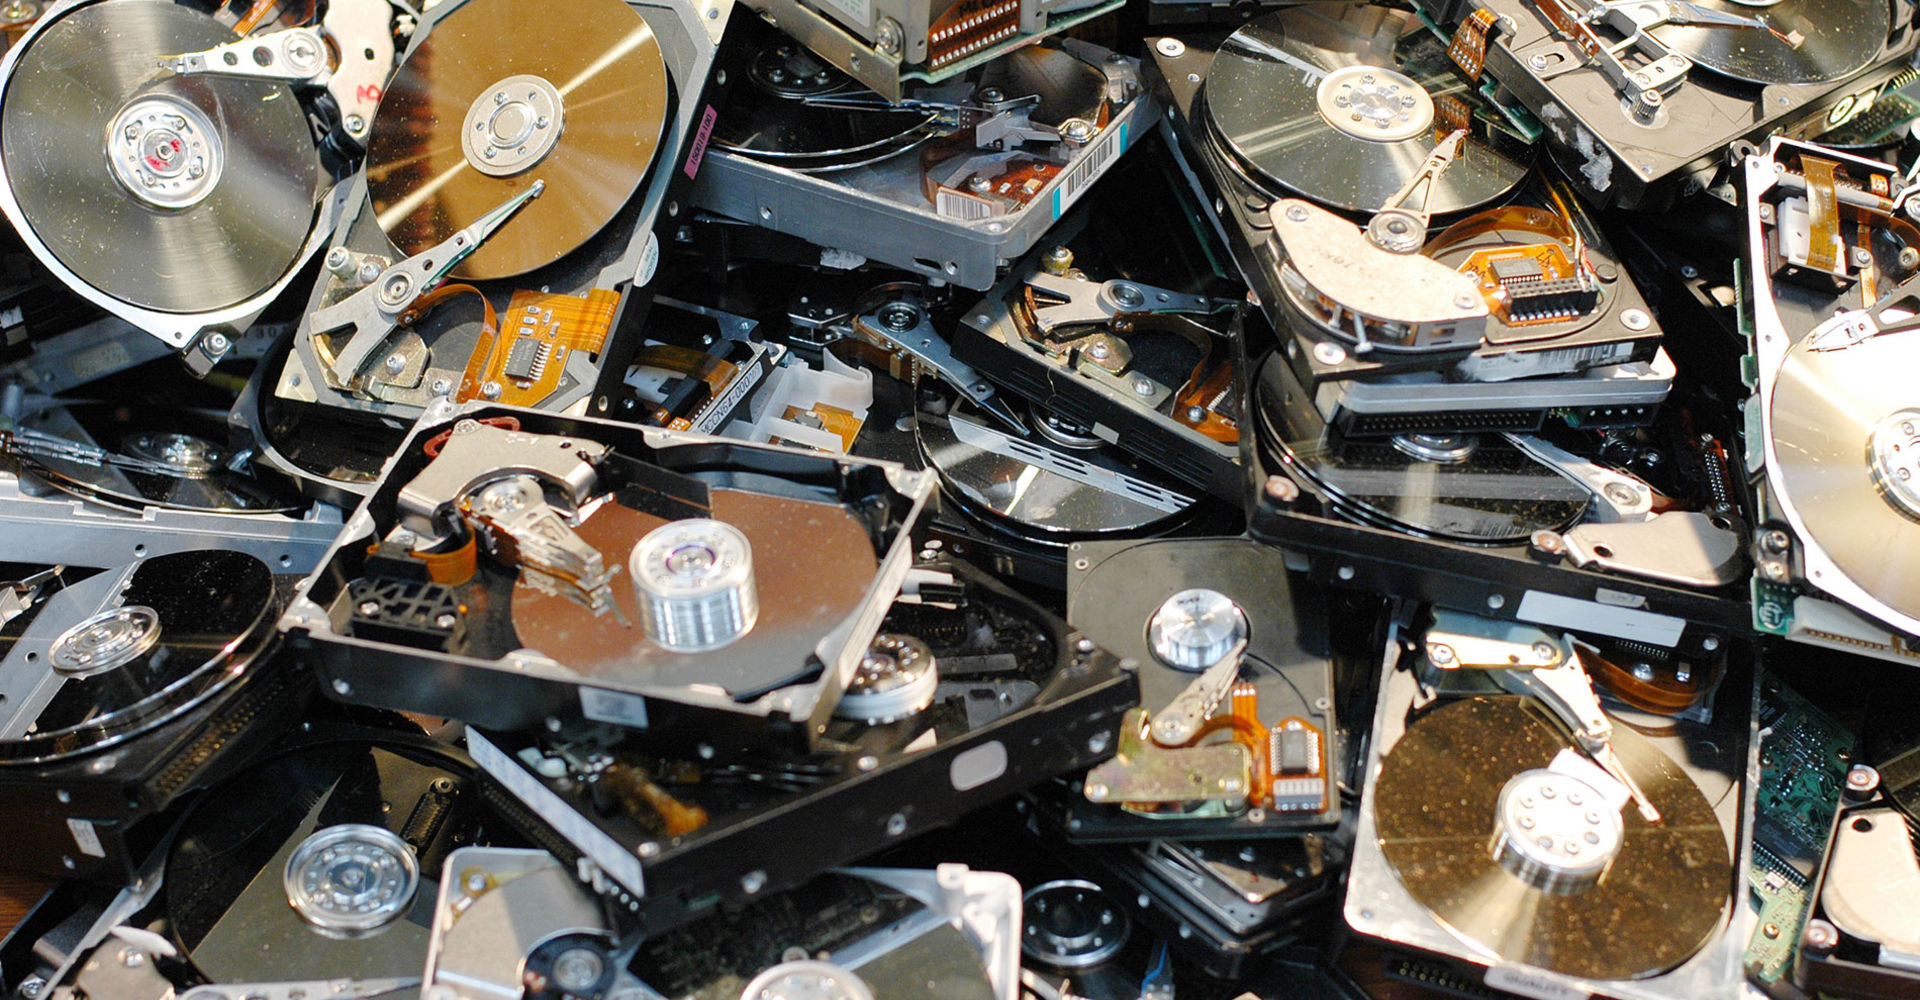 Distruzione hard disk sfondo 1